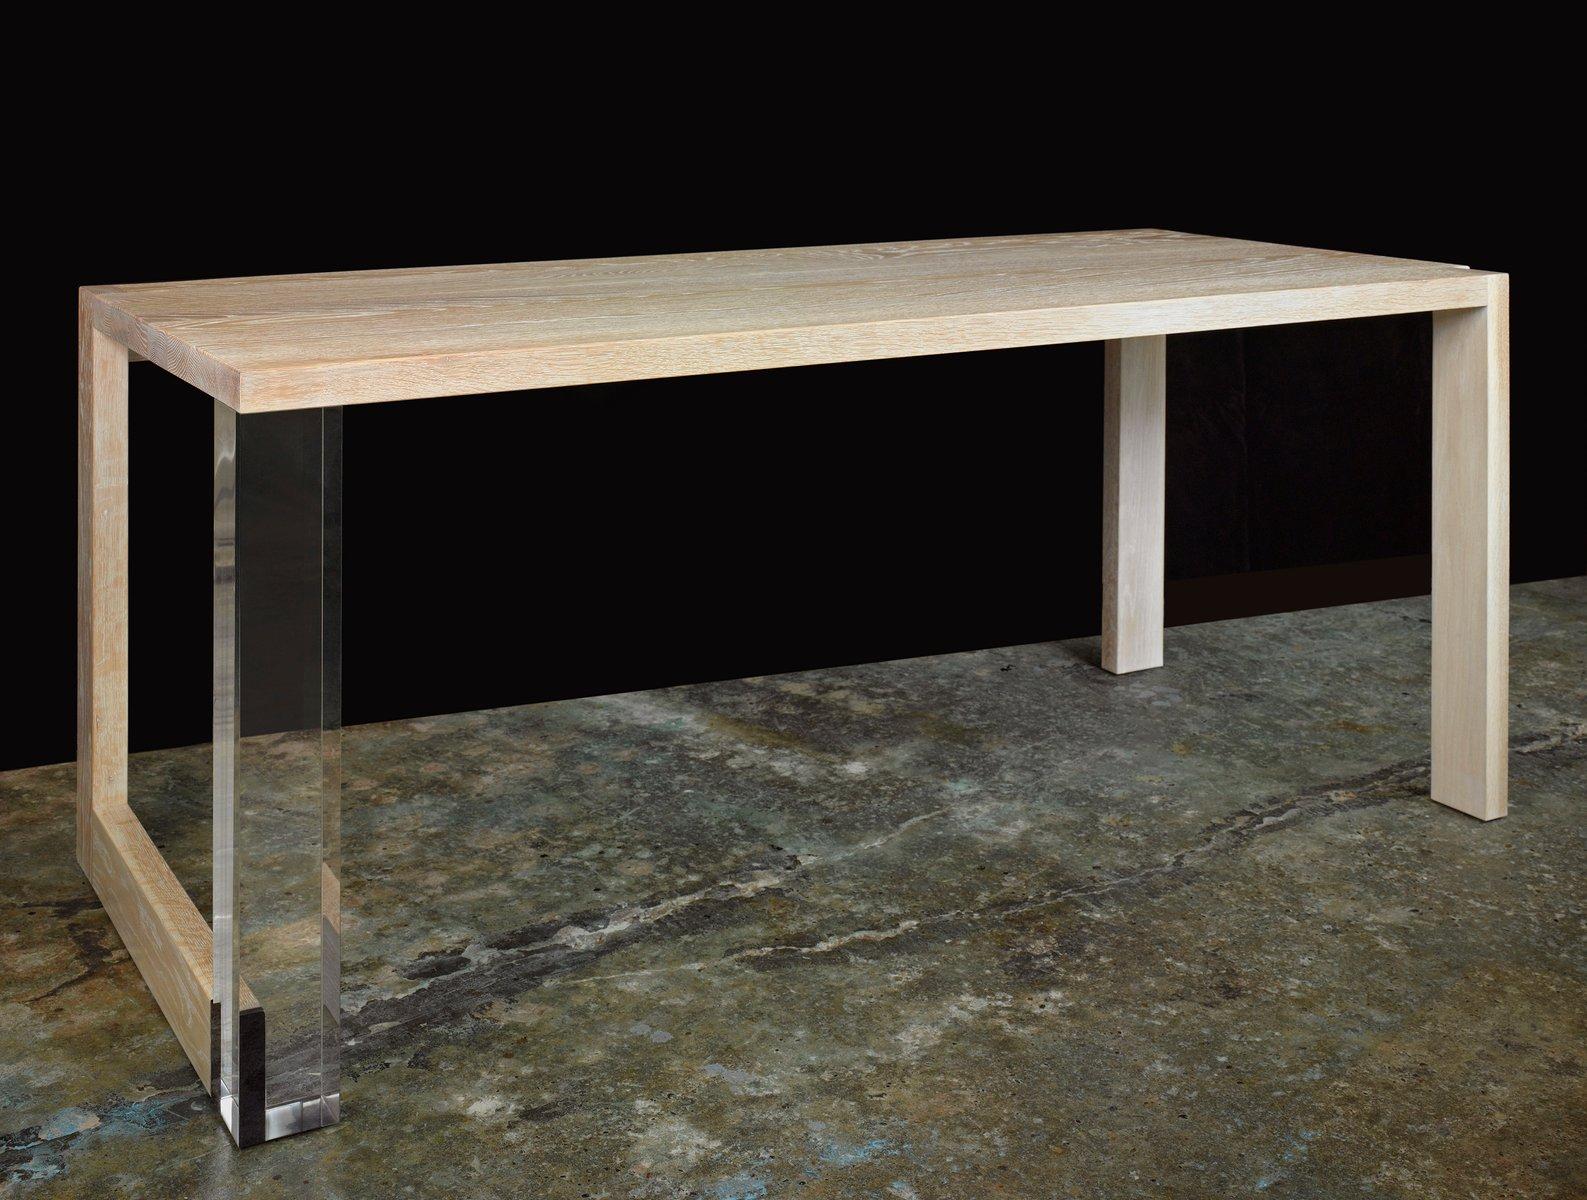 Tisch aus gekalkter Eiche und Plexiglas von Paul Kelley